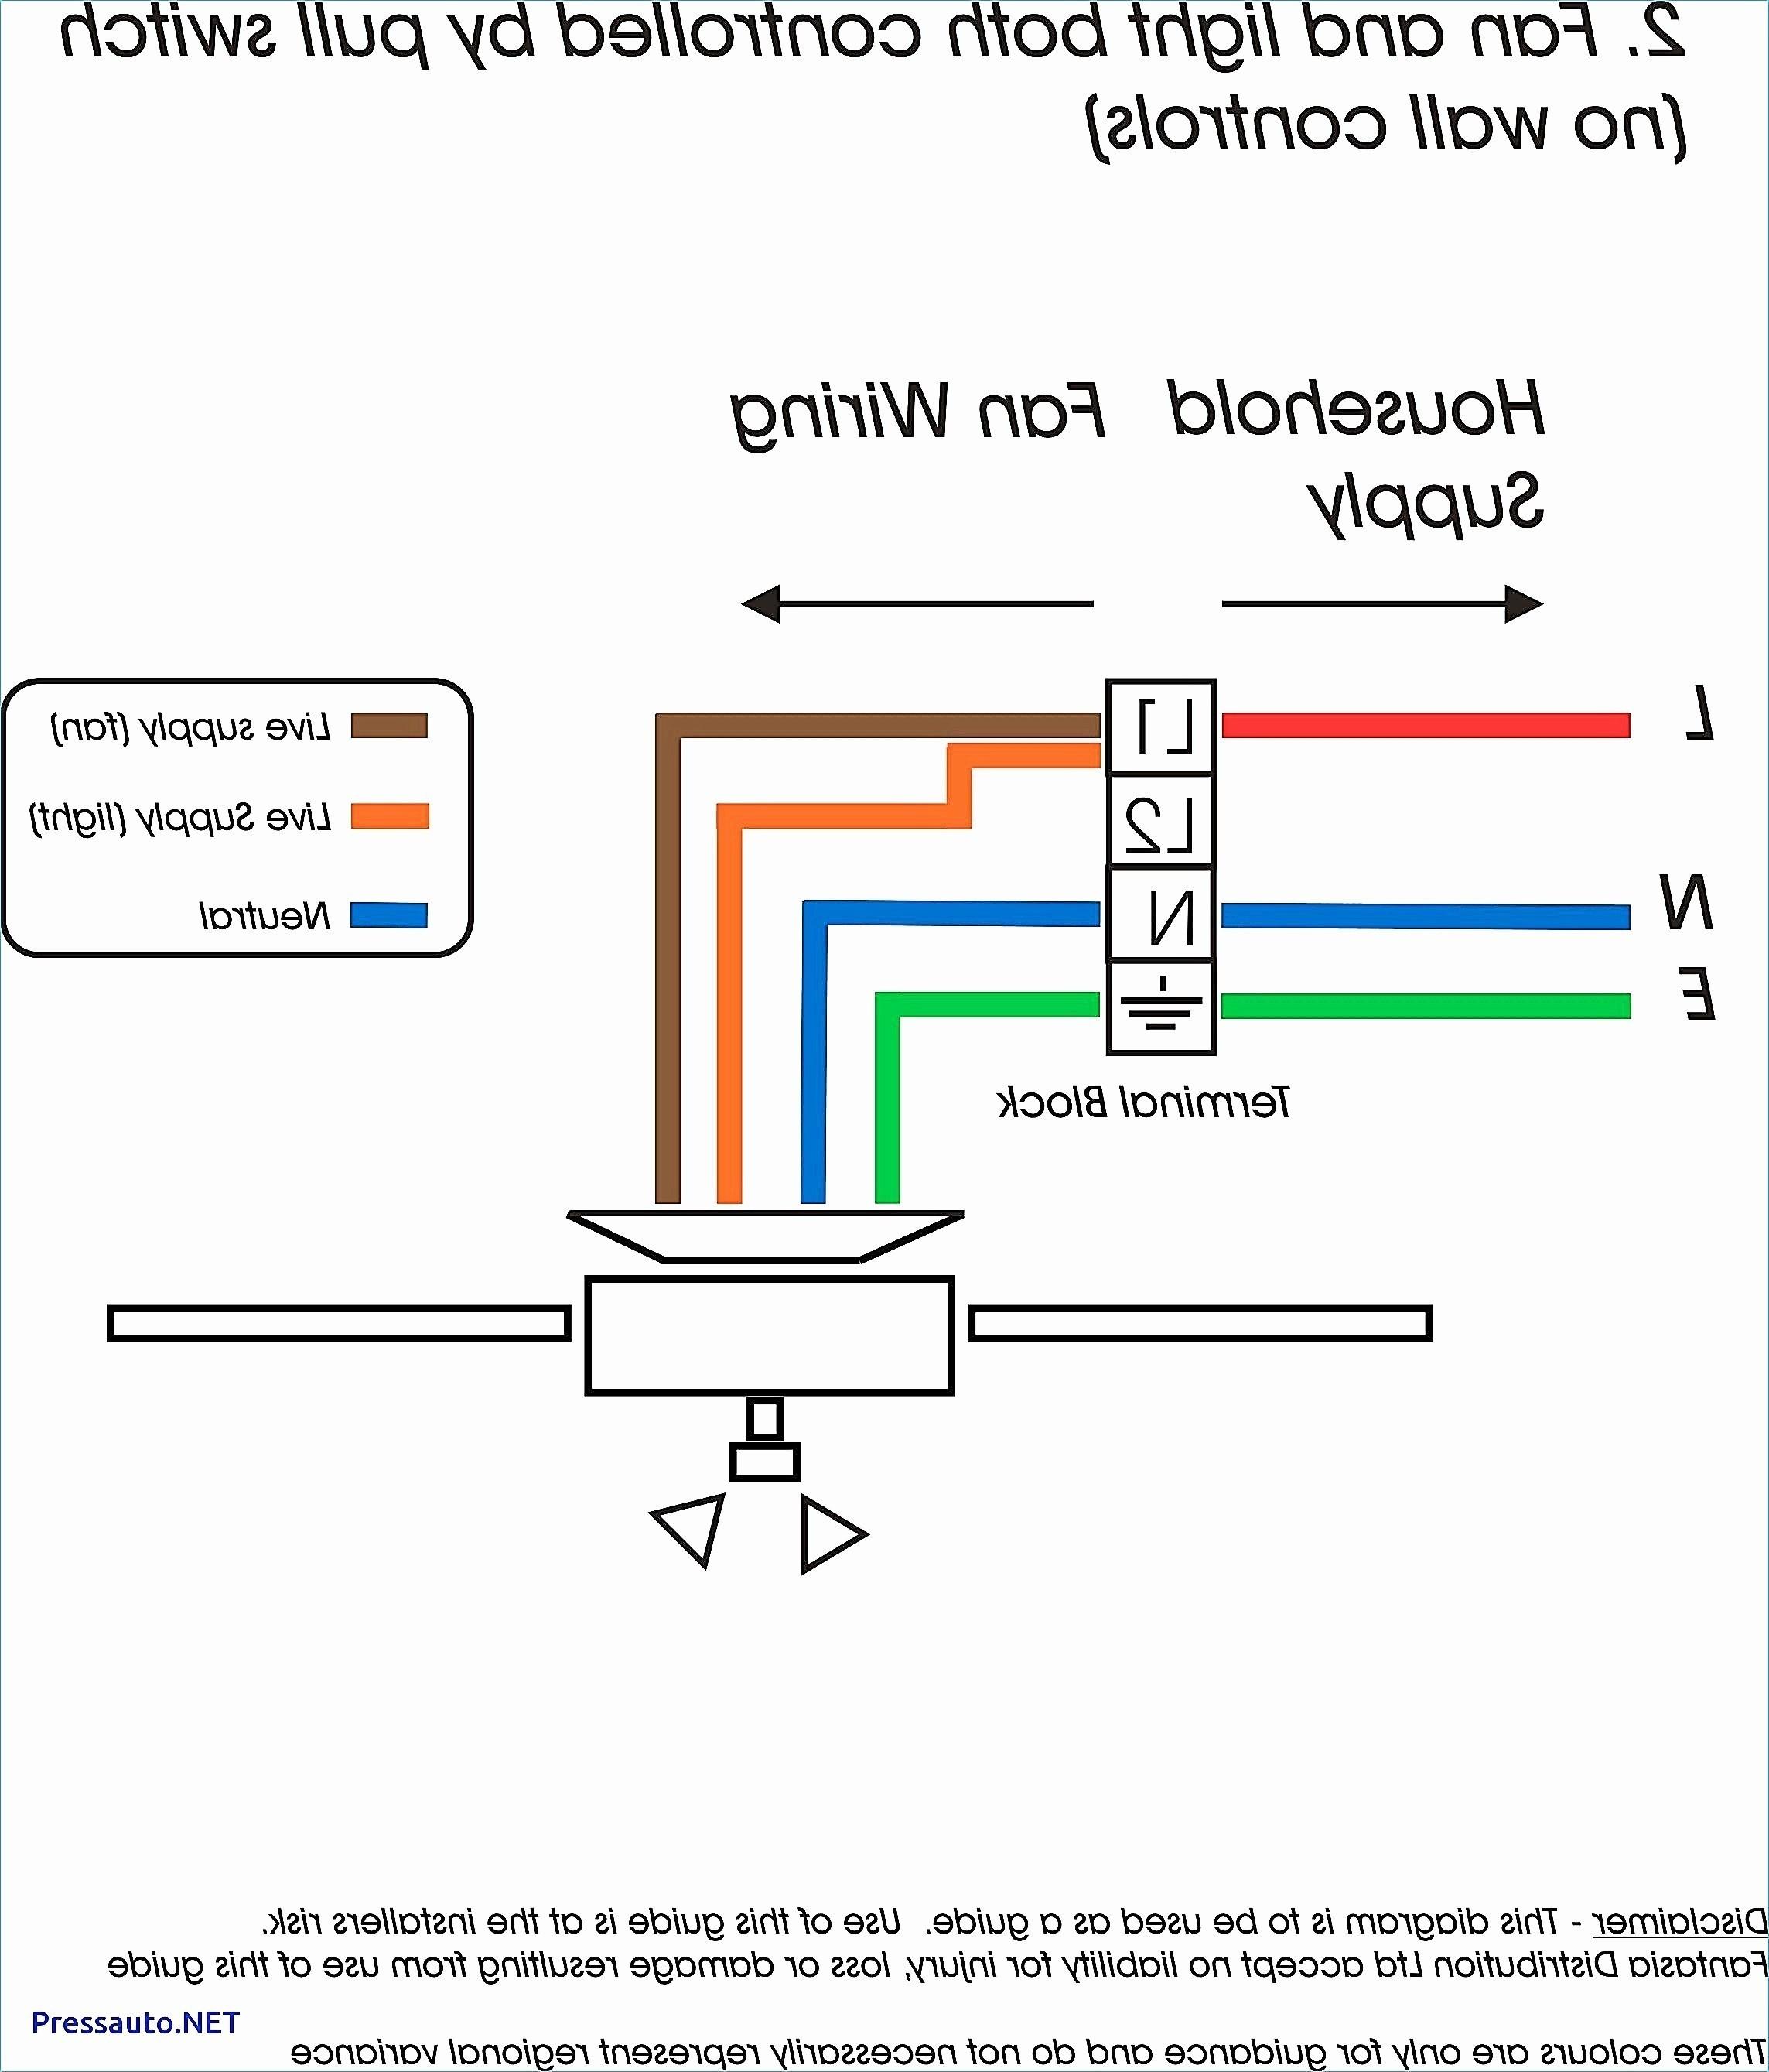 Pt Cruiser Wiring Diagram E585 Auto Meter Sport P 2 Wiring Diagram Of Pt Cruiser Wiring Diagram